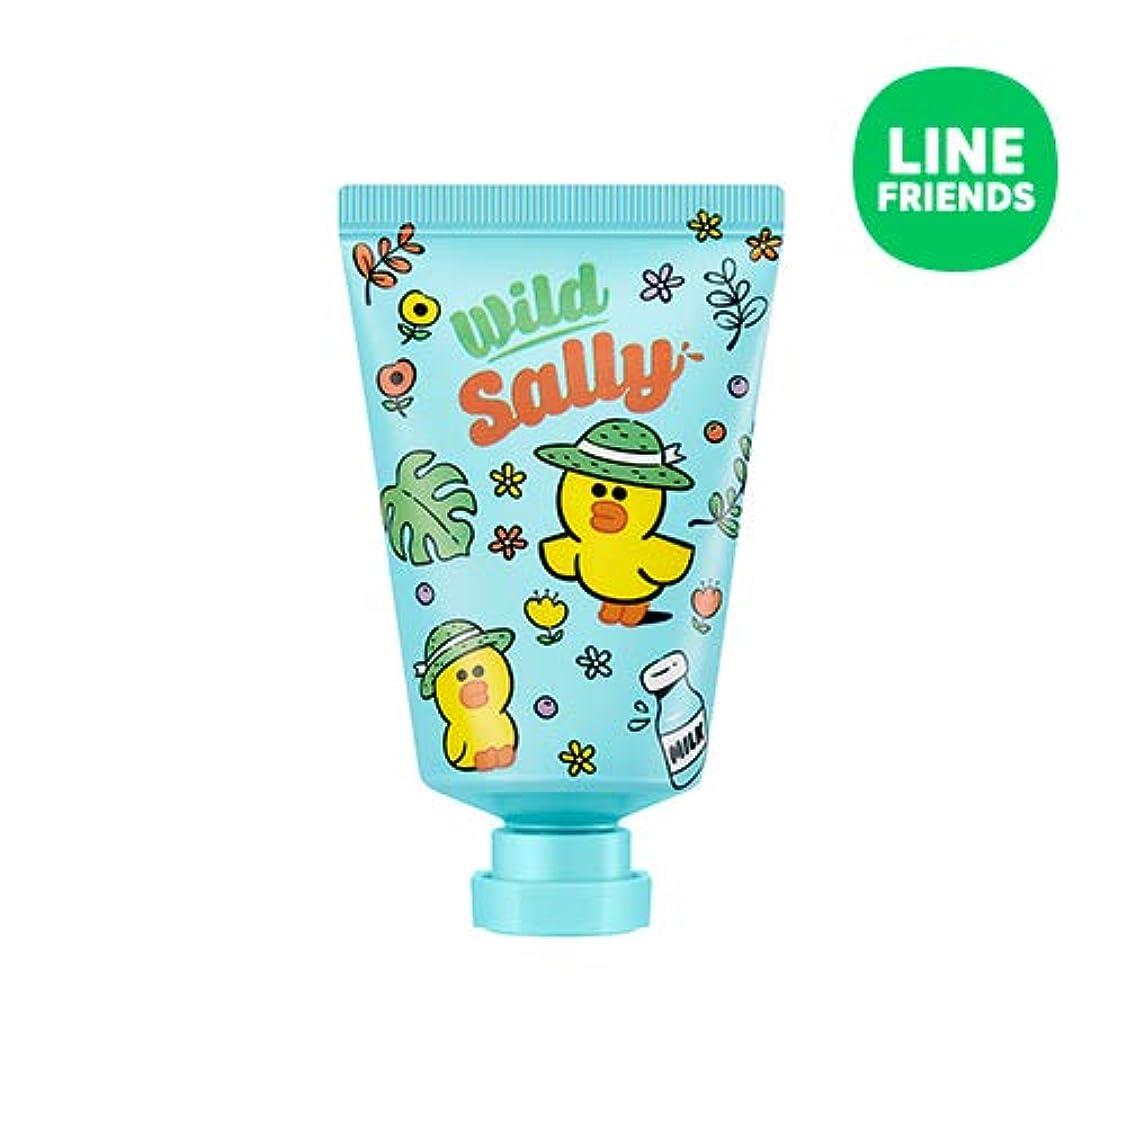 核フック説明するミシャ(ラインフレンズ)ラブシークレットハンドクリーム 30ml MISSHA [Line Friends Edition] Love Secret Hand Cream - Sally # Cotton White [...